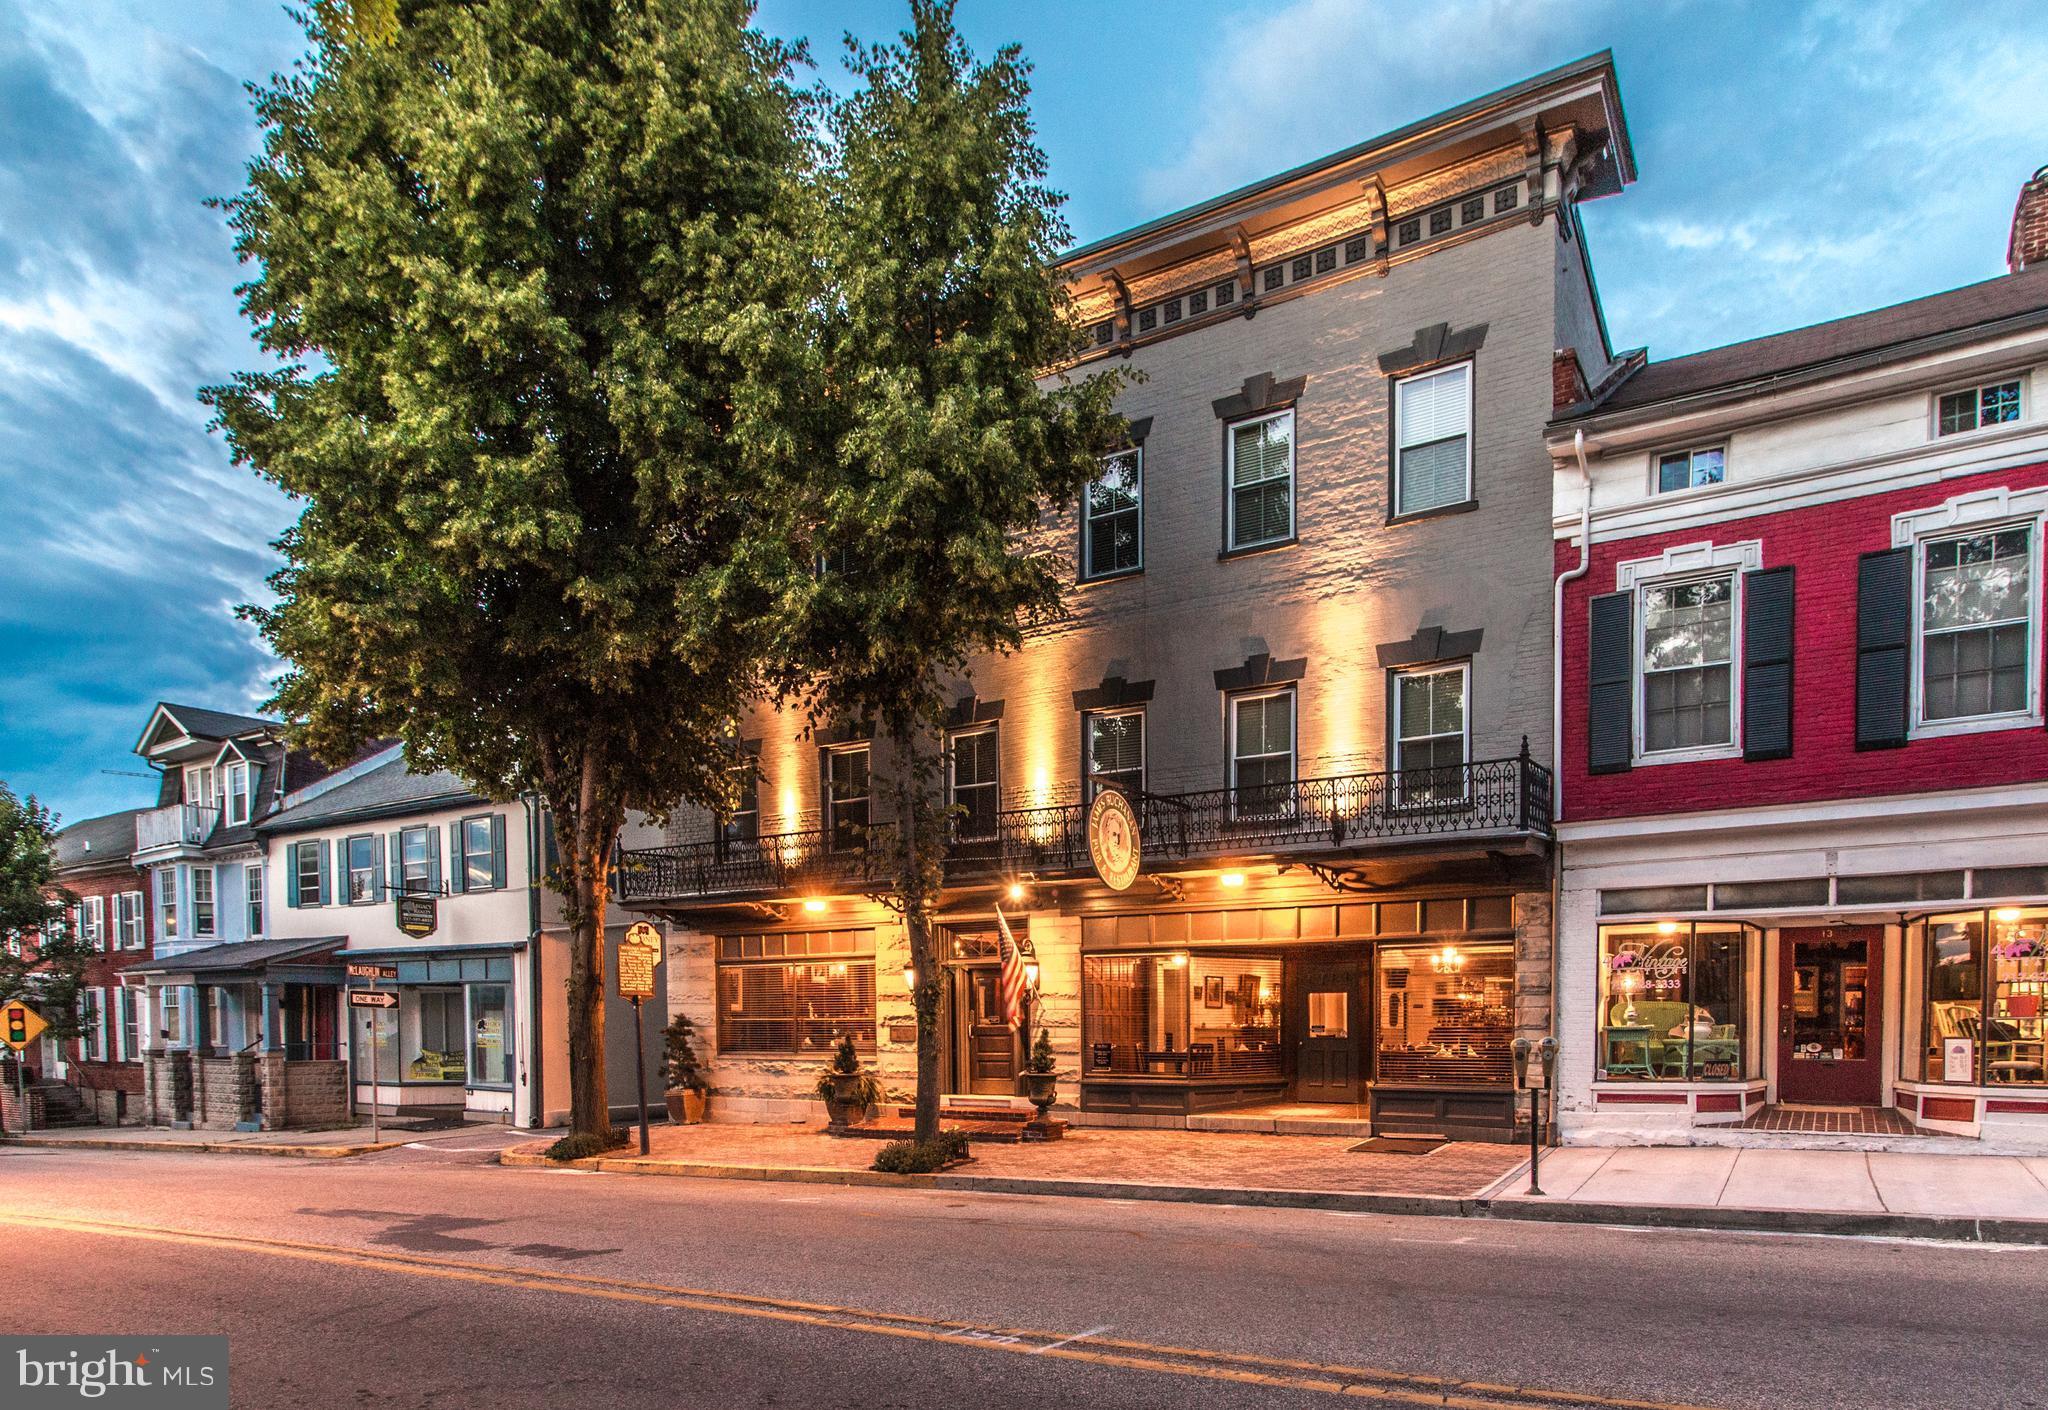 15 N MAIN STREET, MERCERSBURG, PA 17236